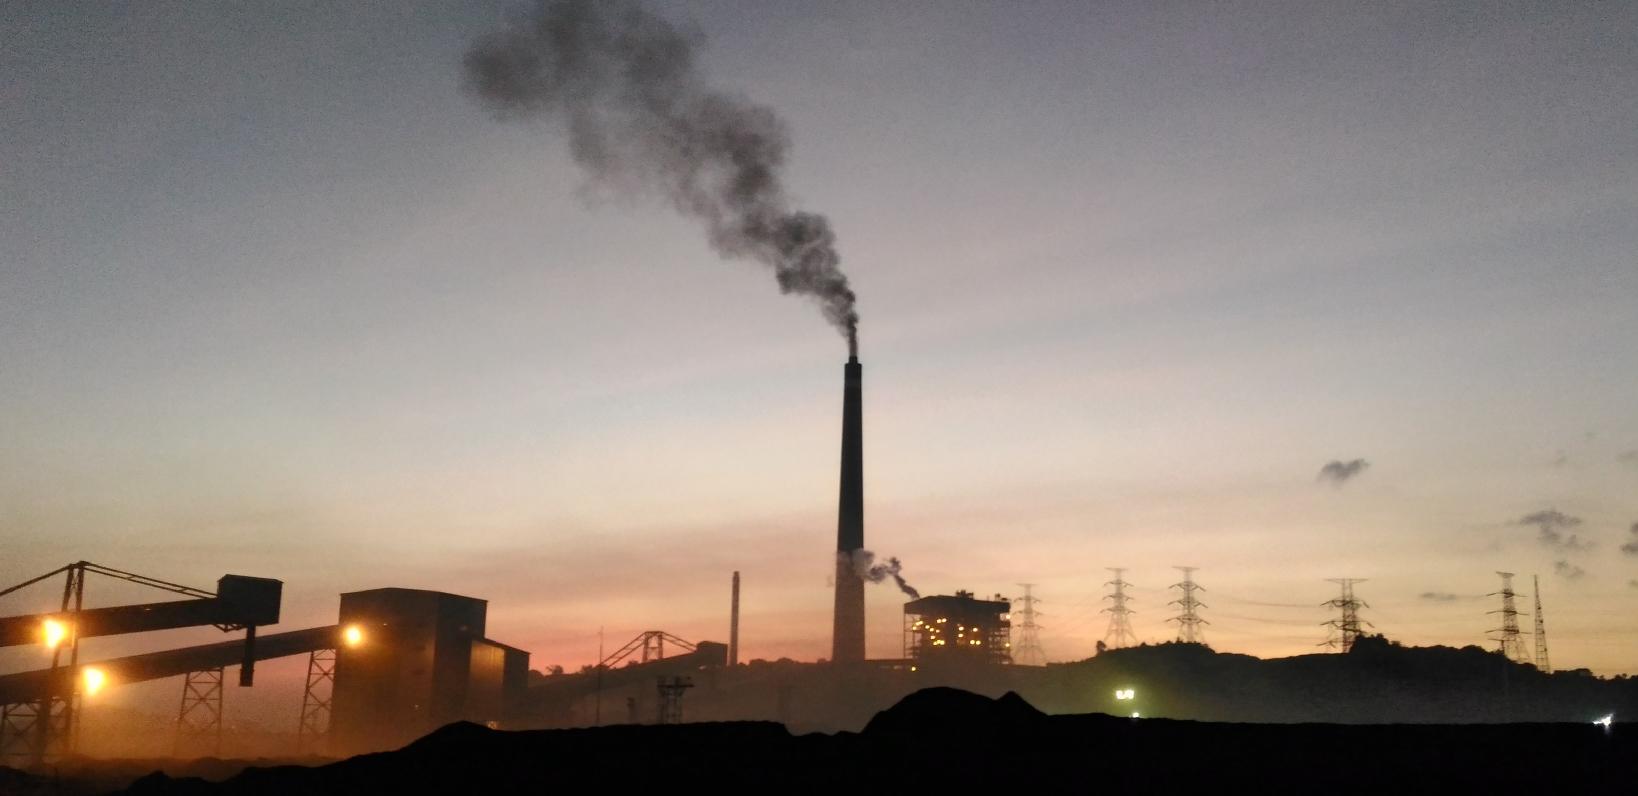 wisnu-alis-257724 coal-fired power station banner